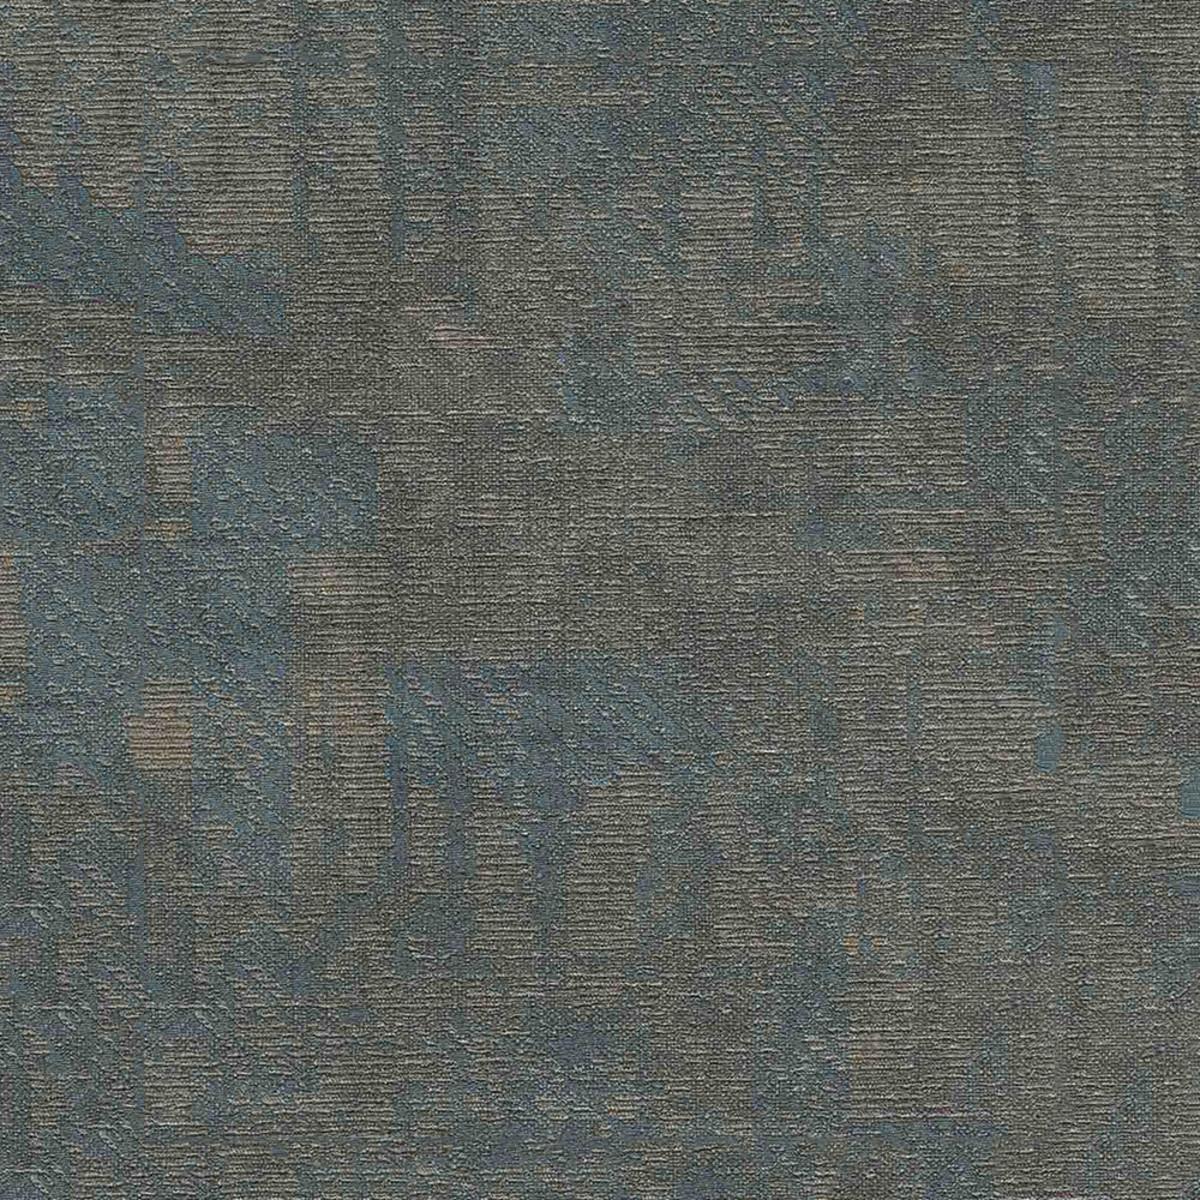 Обои флизелиновые Emiliana Parati Samarcanda синие 1.06 м 72364